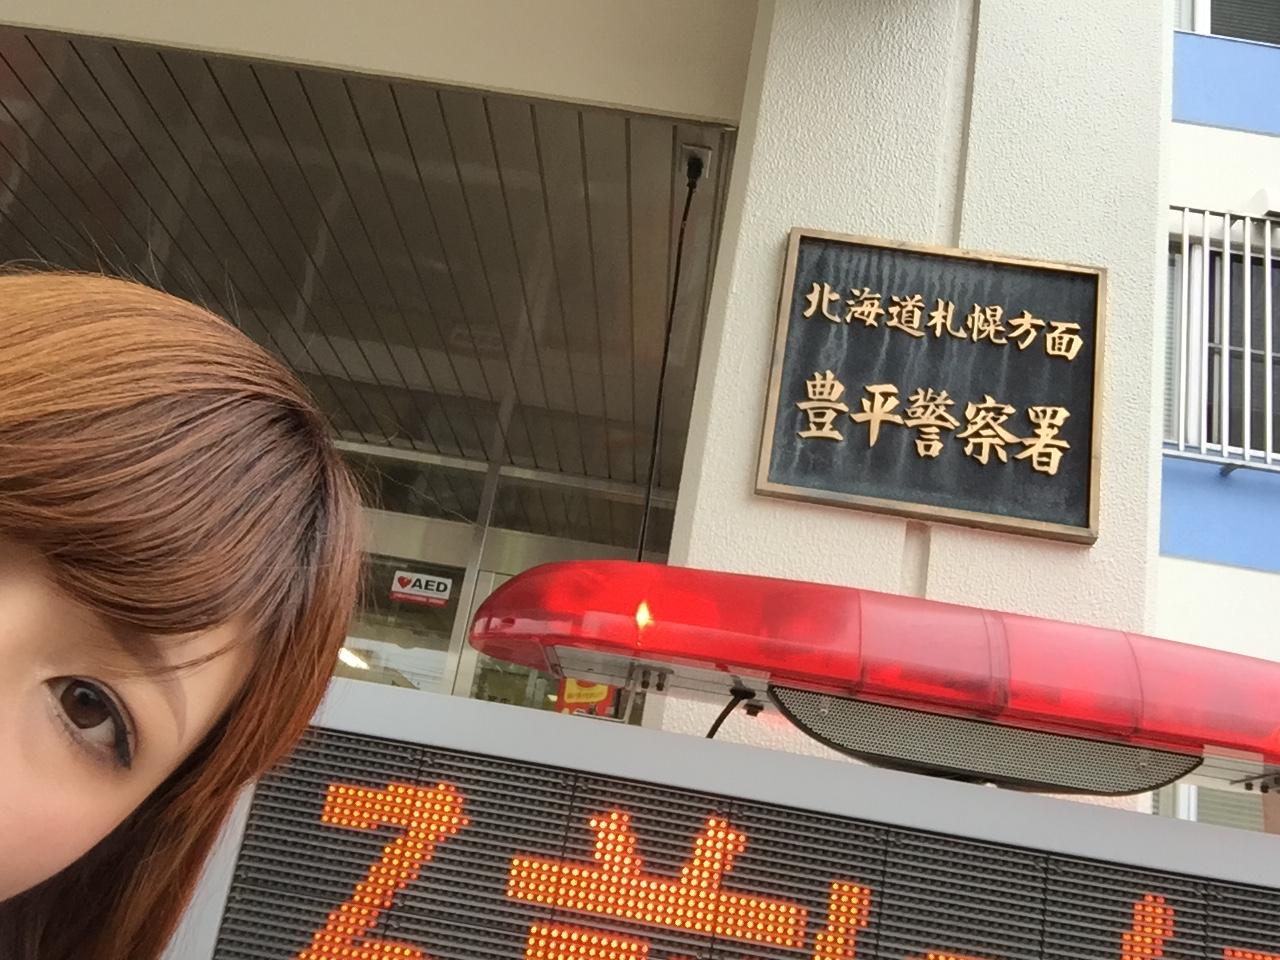 7月19日 火曜日のひとログ( ˘・ω・˘ ) 夏休みのお出かけはTOMMYレンタカーで♫_b0127002_16275139.jpg